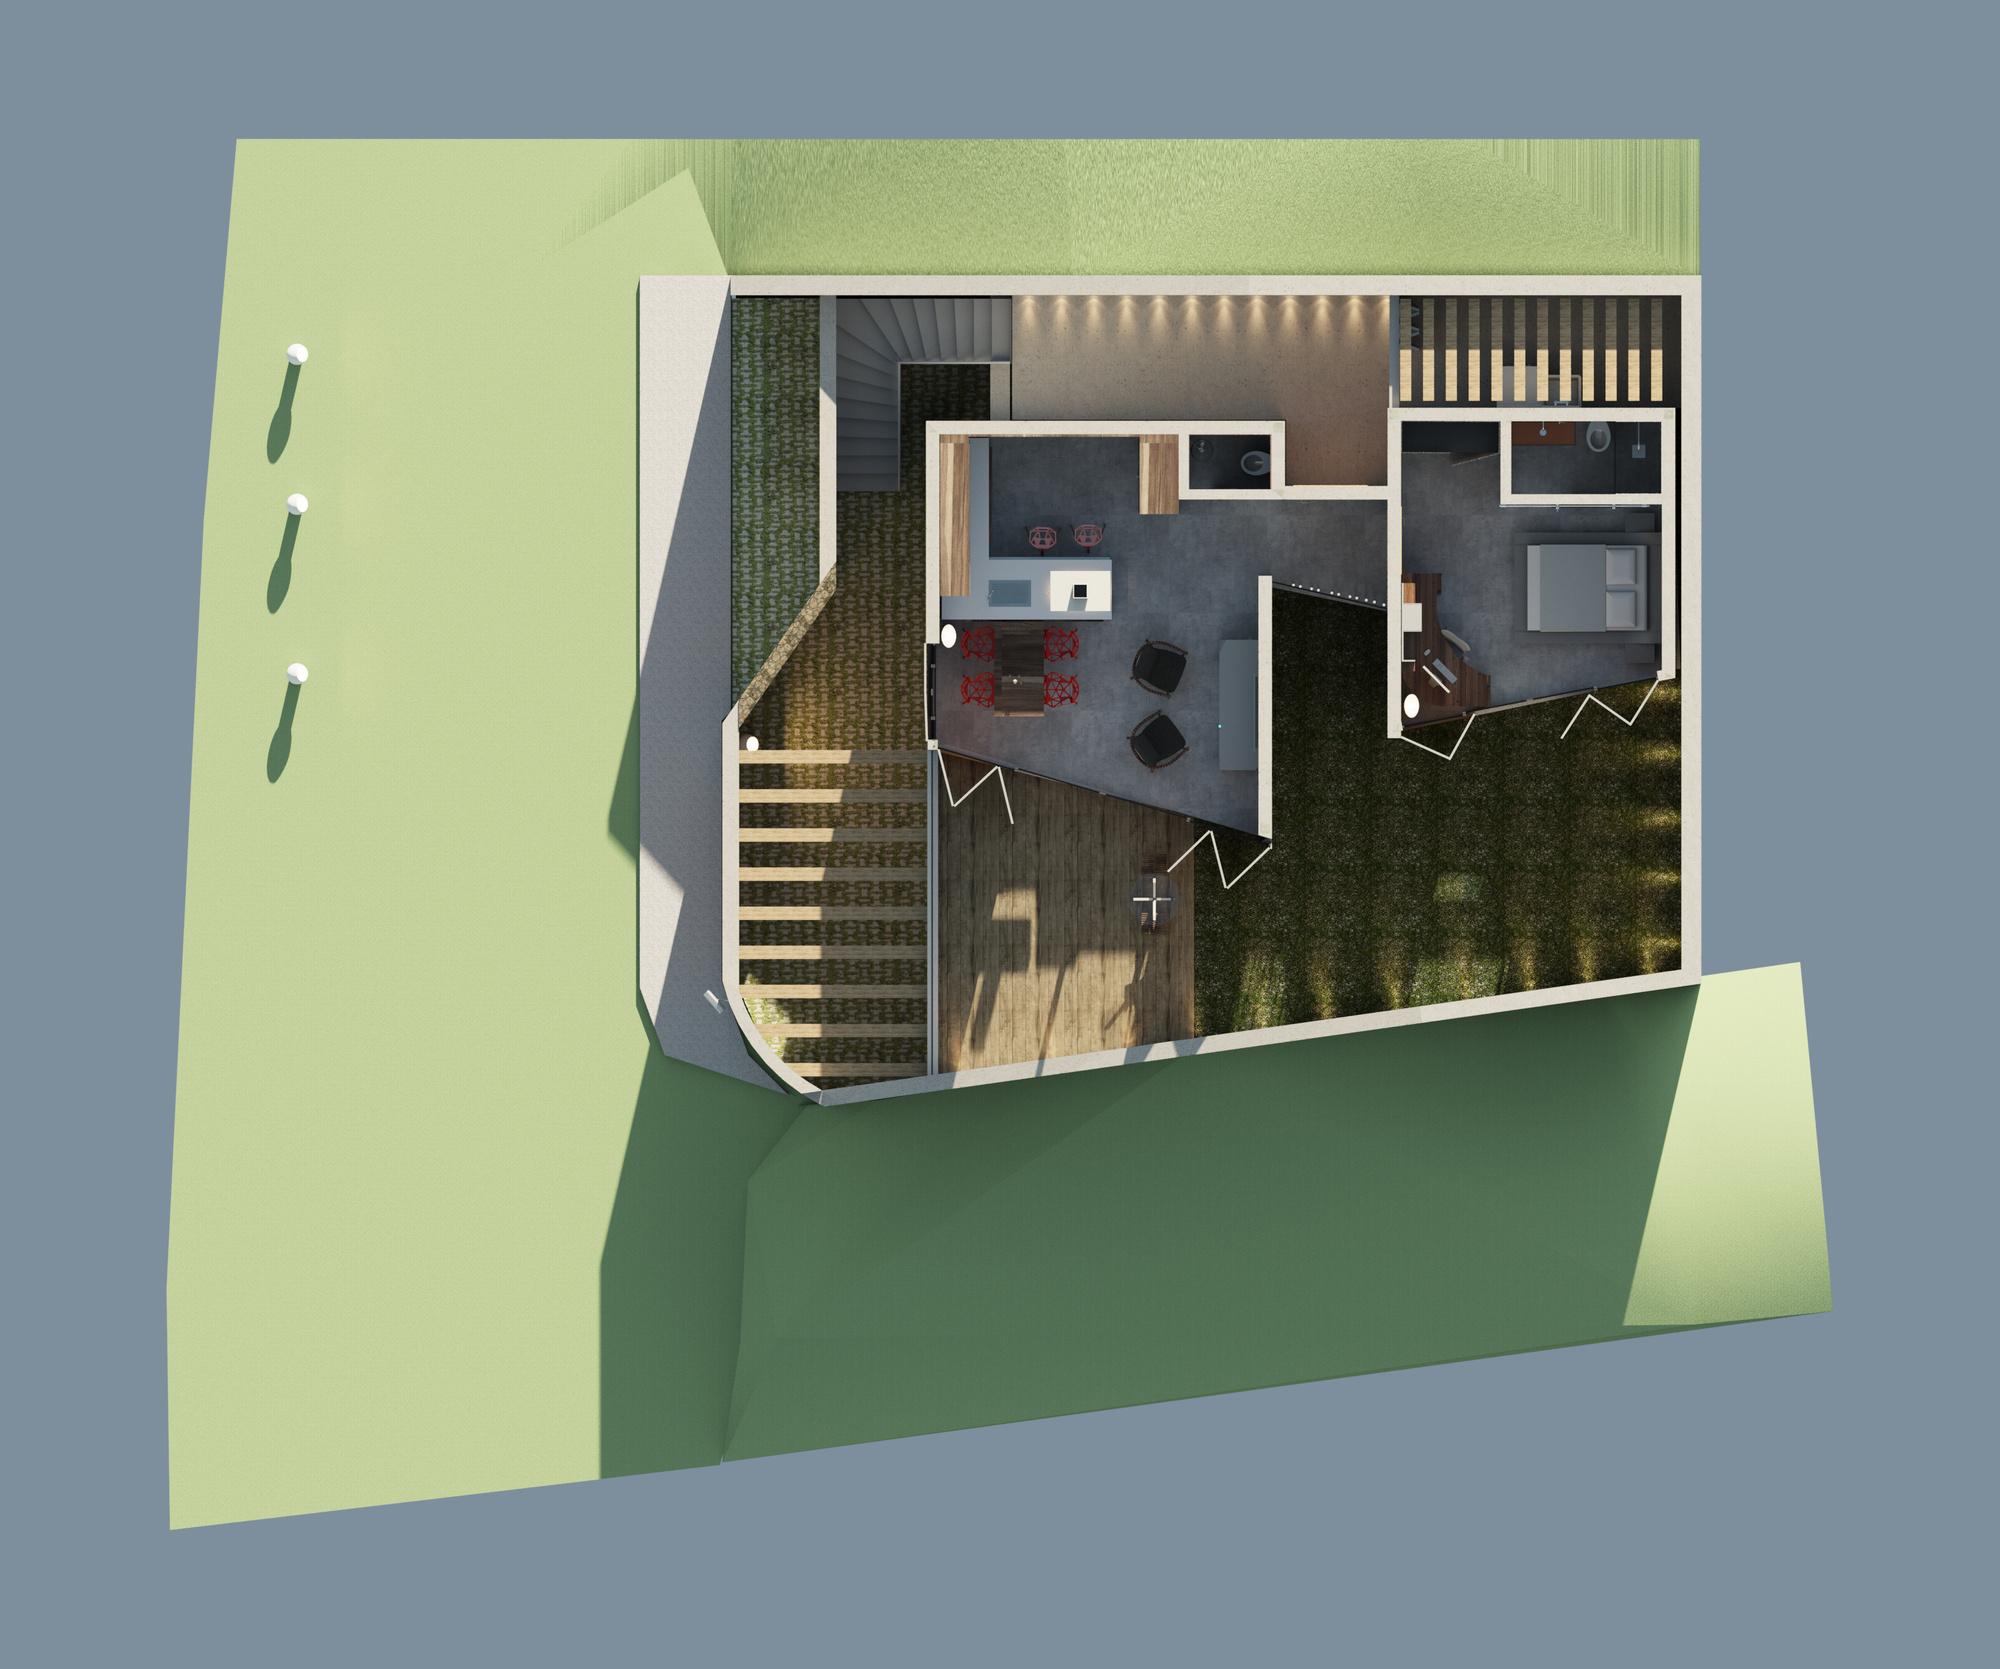 Raas-rendering20150603-6111-4ru1vo